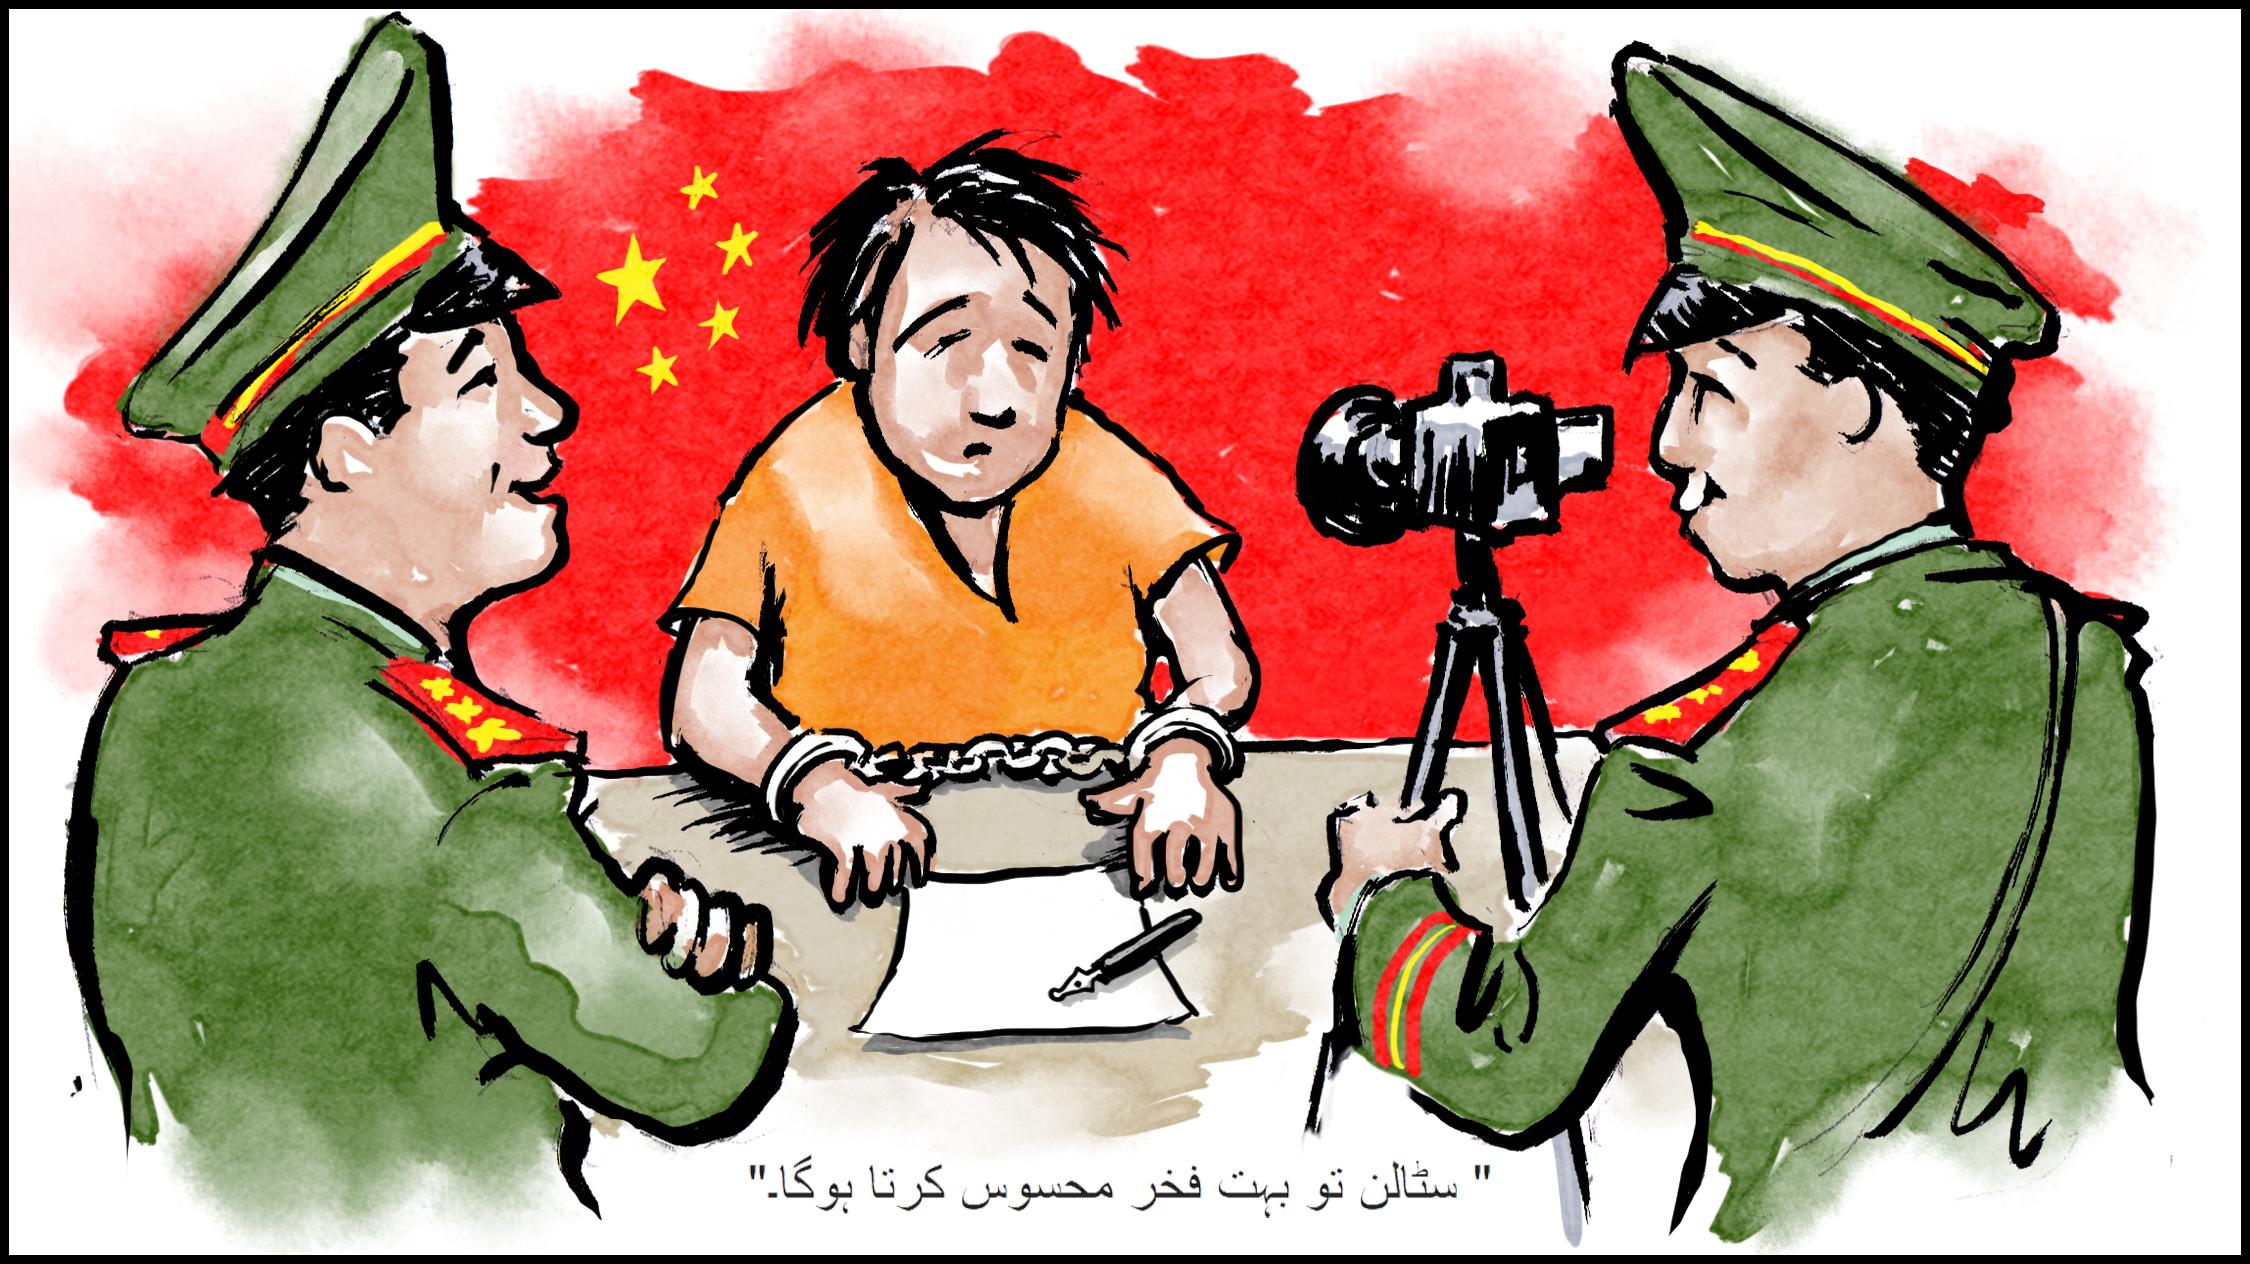 """کارٹون جس میں کیمرے کے سامنے ہتھکڑیاں لگے ایک آدمی سے چینی اہلکار پوچھ گچھ کرتے ہوئے دوسرے چینی اہلکار سے کہہ رہا ہے """"سٹالن تو بہت فخر محسوس کرتا ہوگا۔"""" (State Dept./D. Thompson)"""